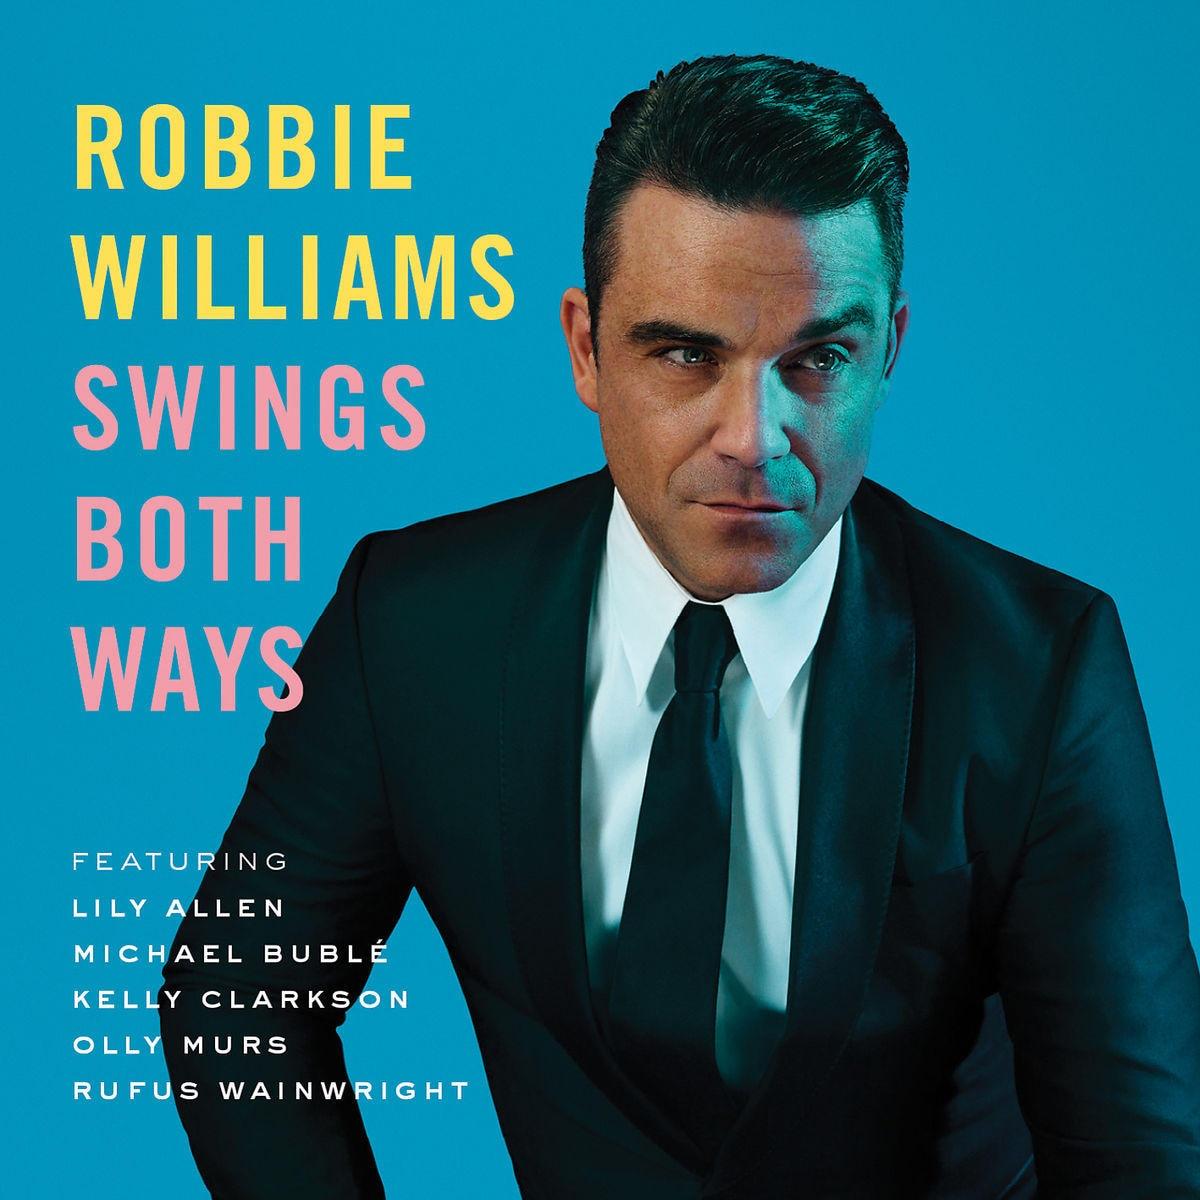 """Die neue Platte: Auf """"Swings Both Ways"""" covert Williams Swing-Klassiker und liefert dazu noch sechs neue Songs ab. Macht irre viel Spaß!"""